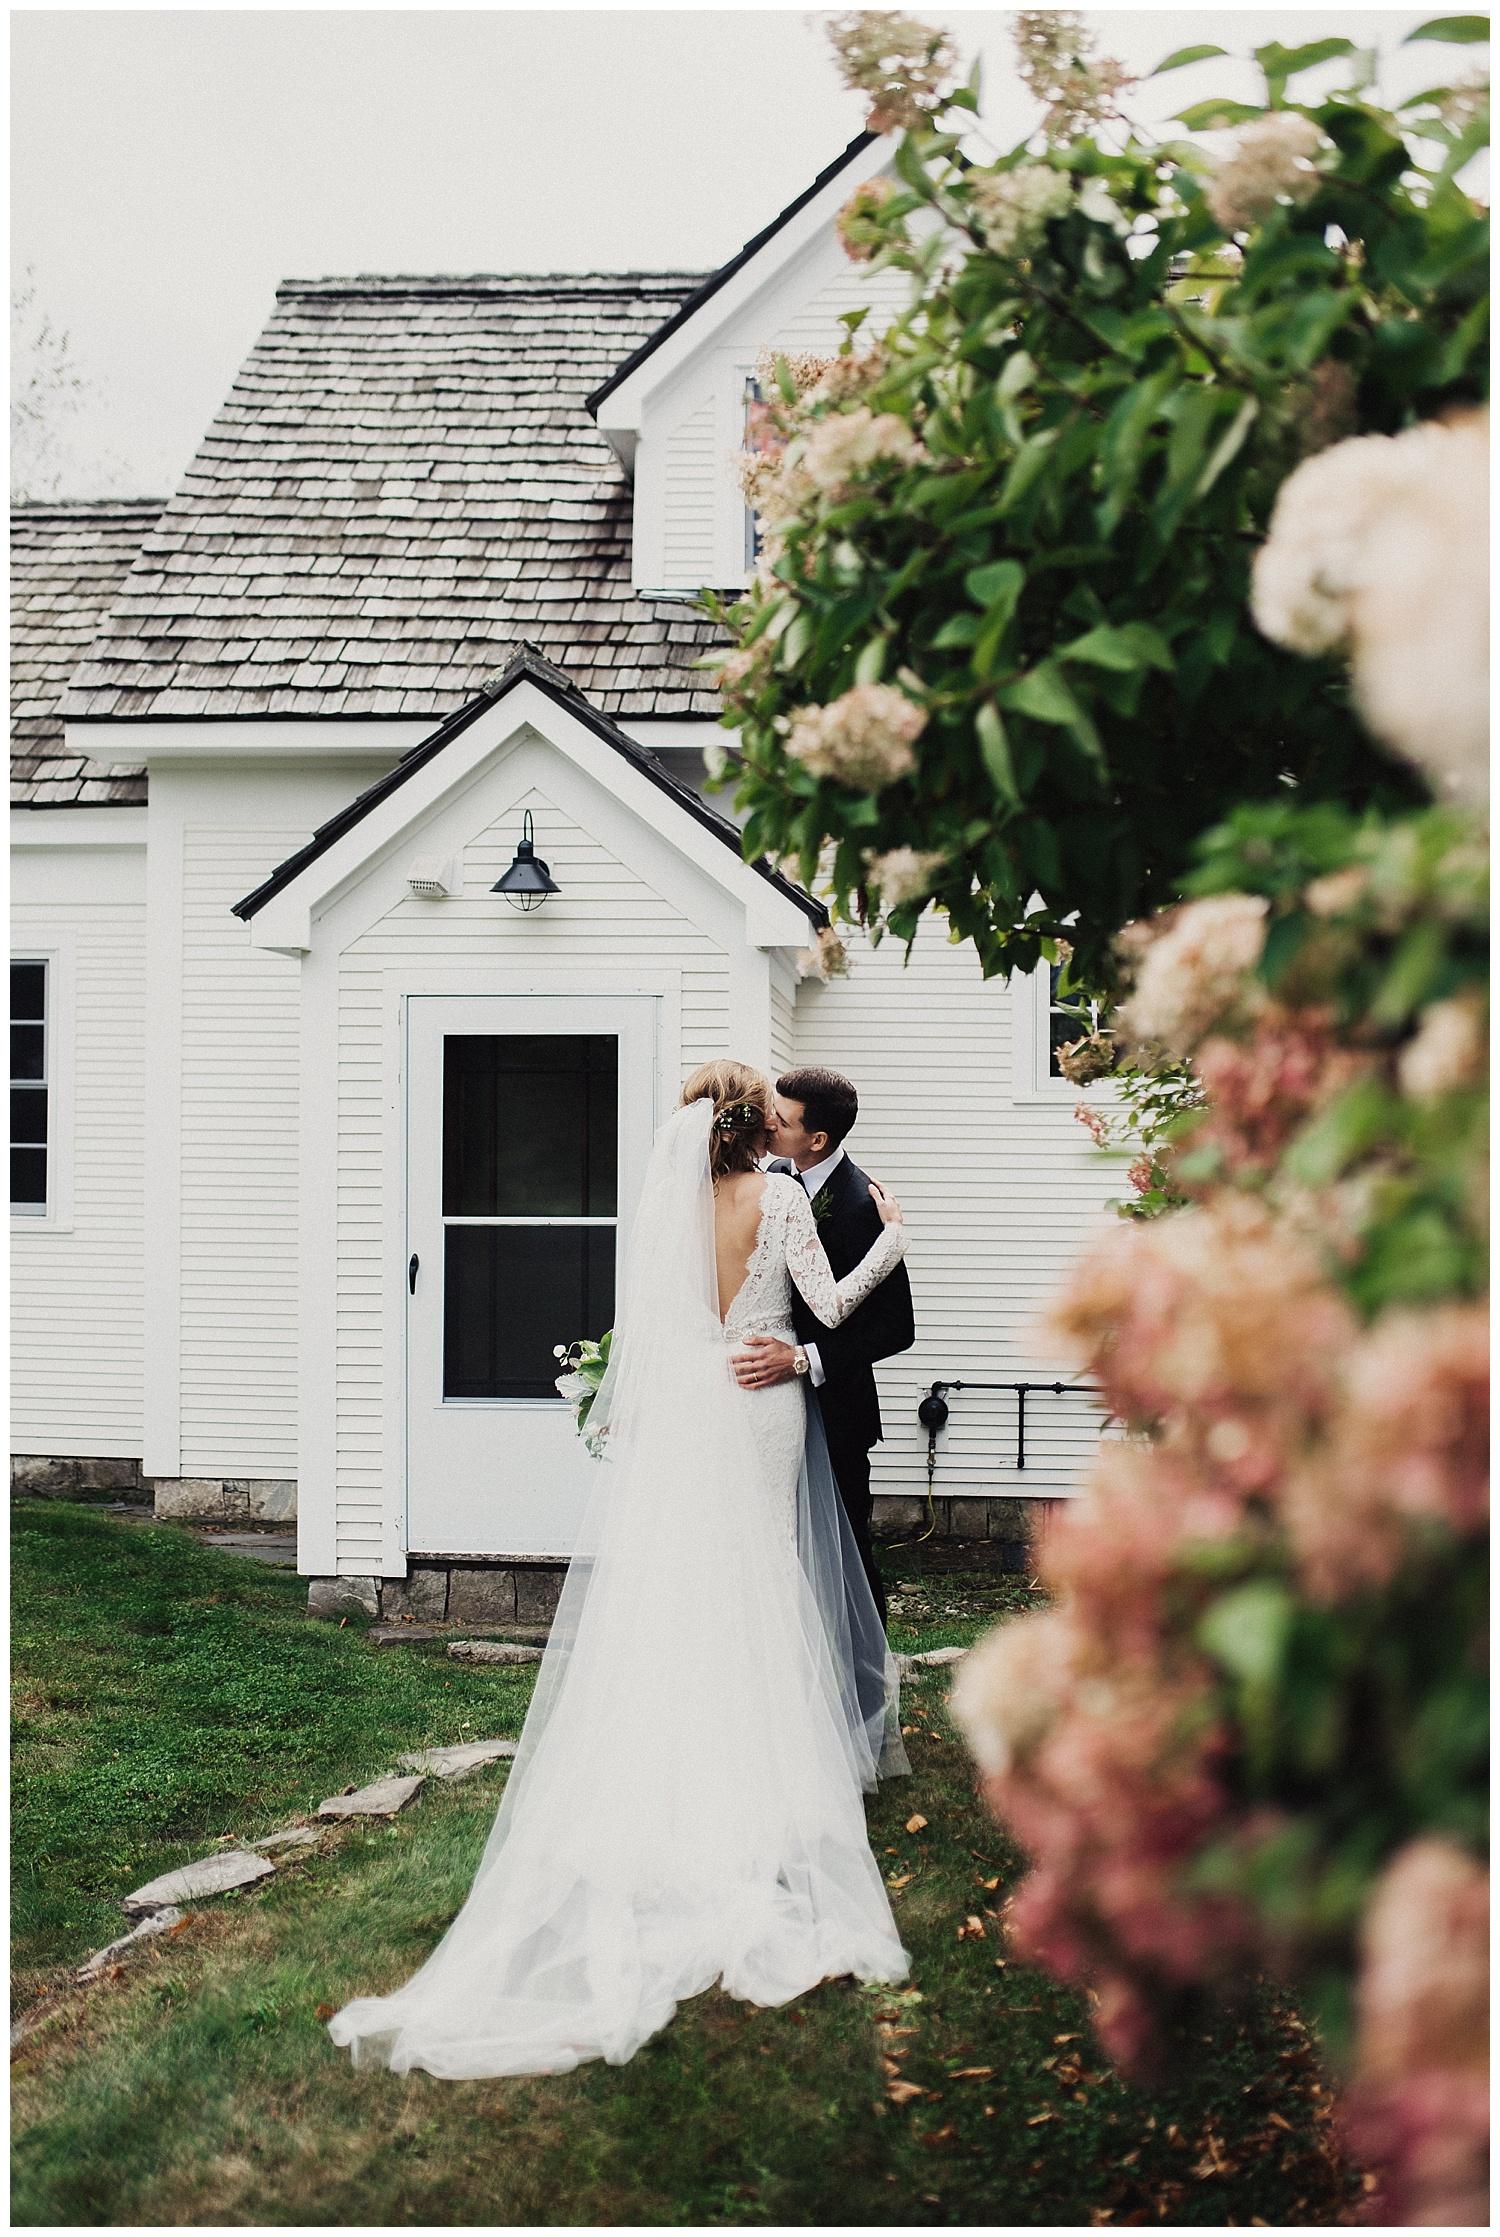 Eden Strader Vermont Wedding